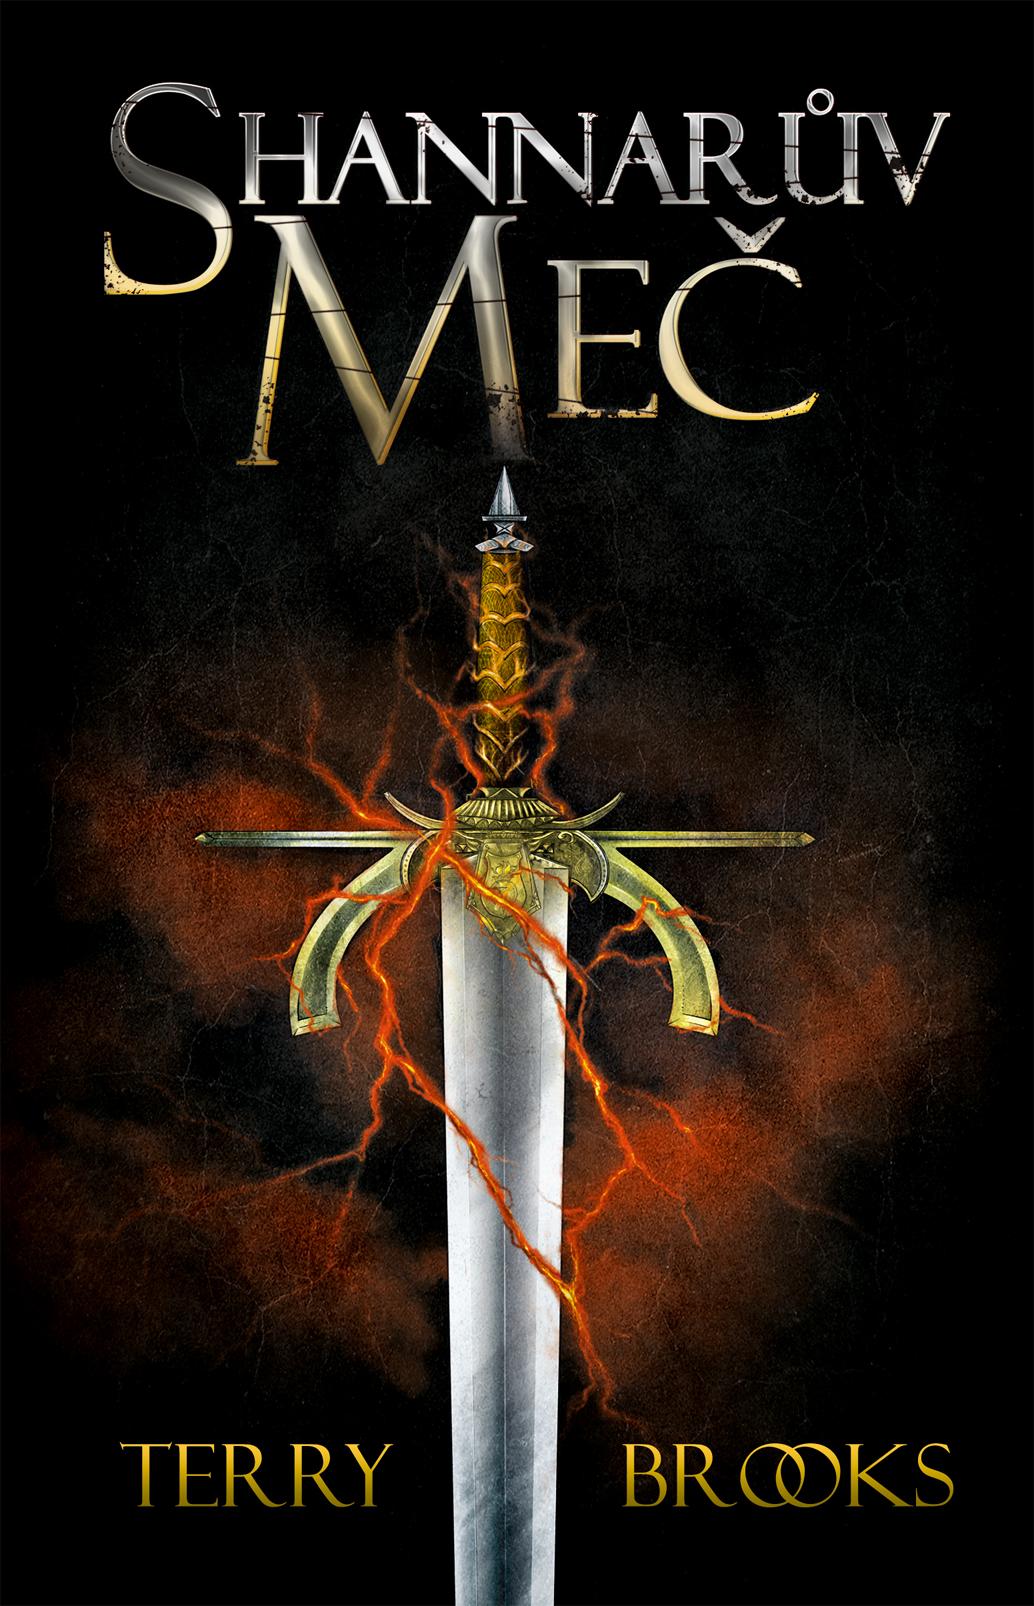 Zrození Shannarovské legendy! Bitva proti černému mágovi ve fantasy klasice.